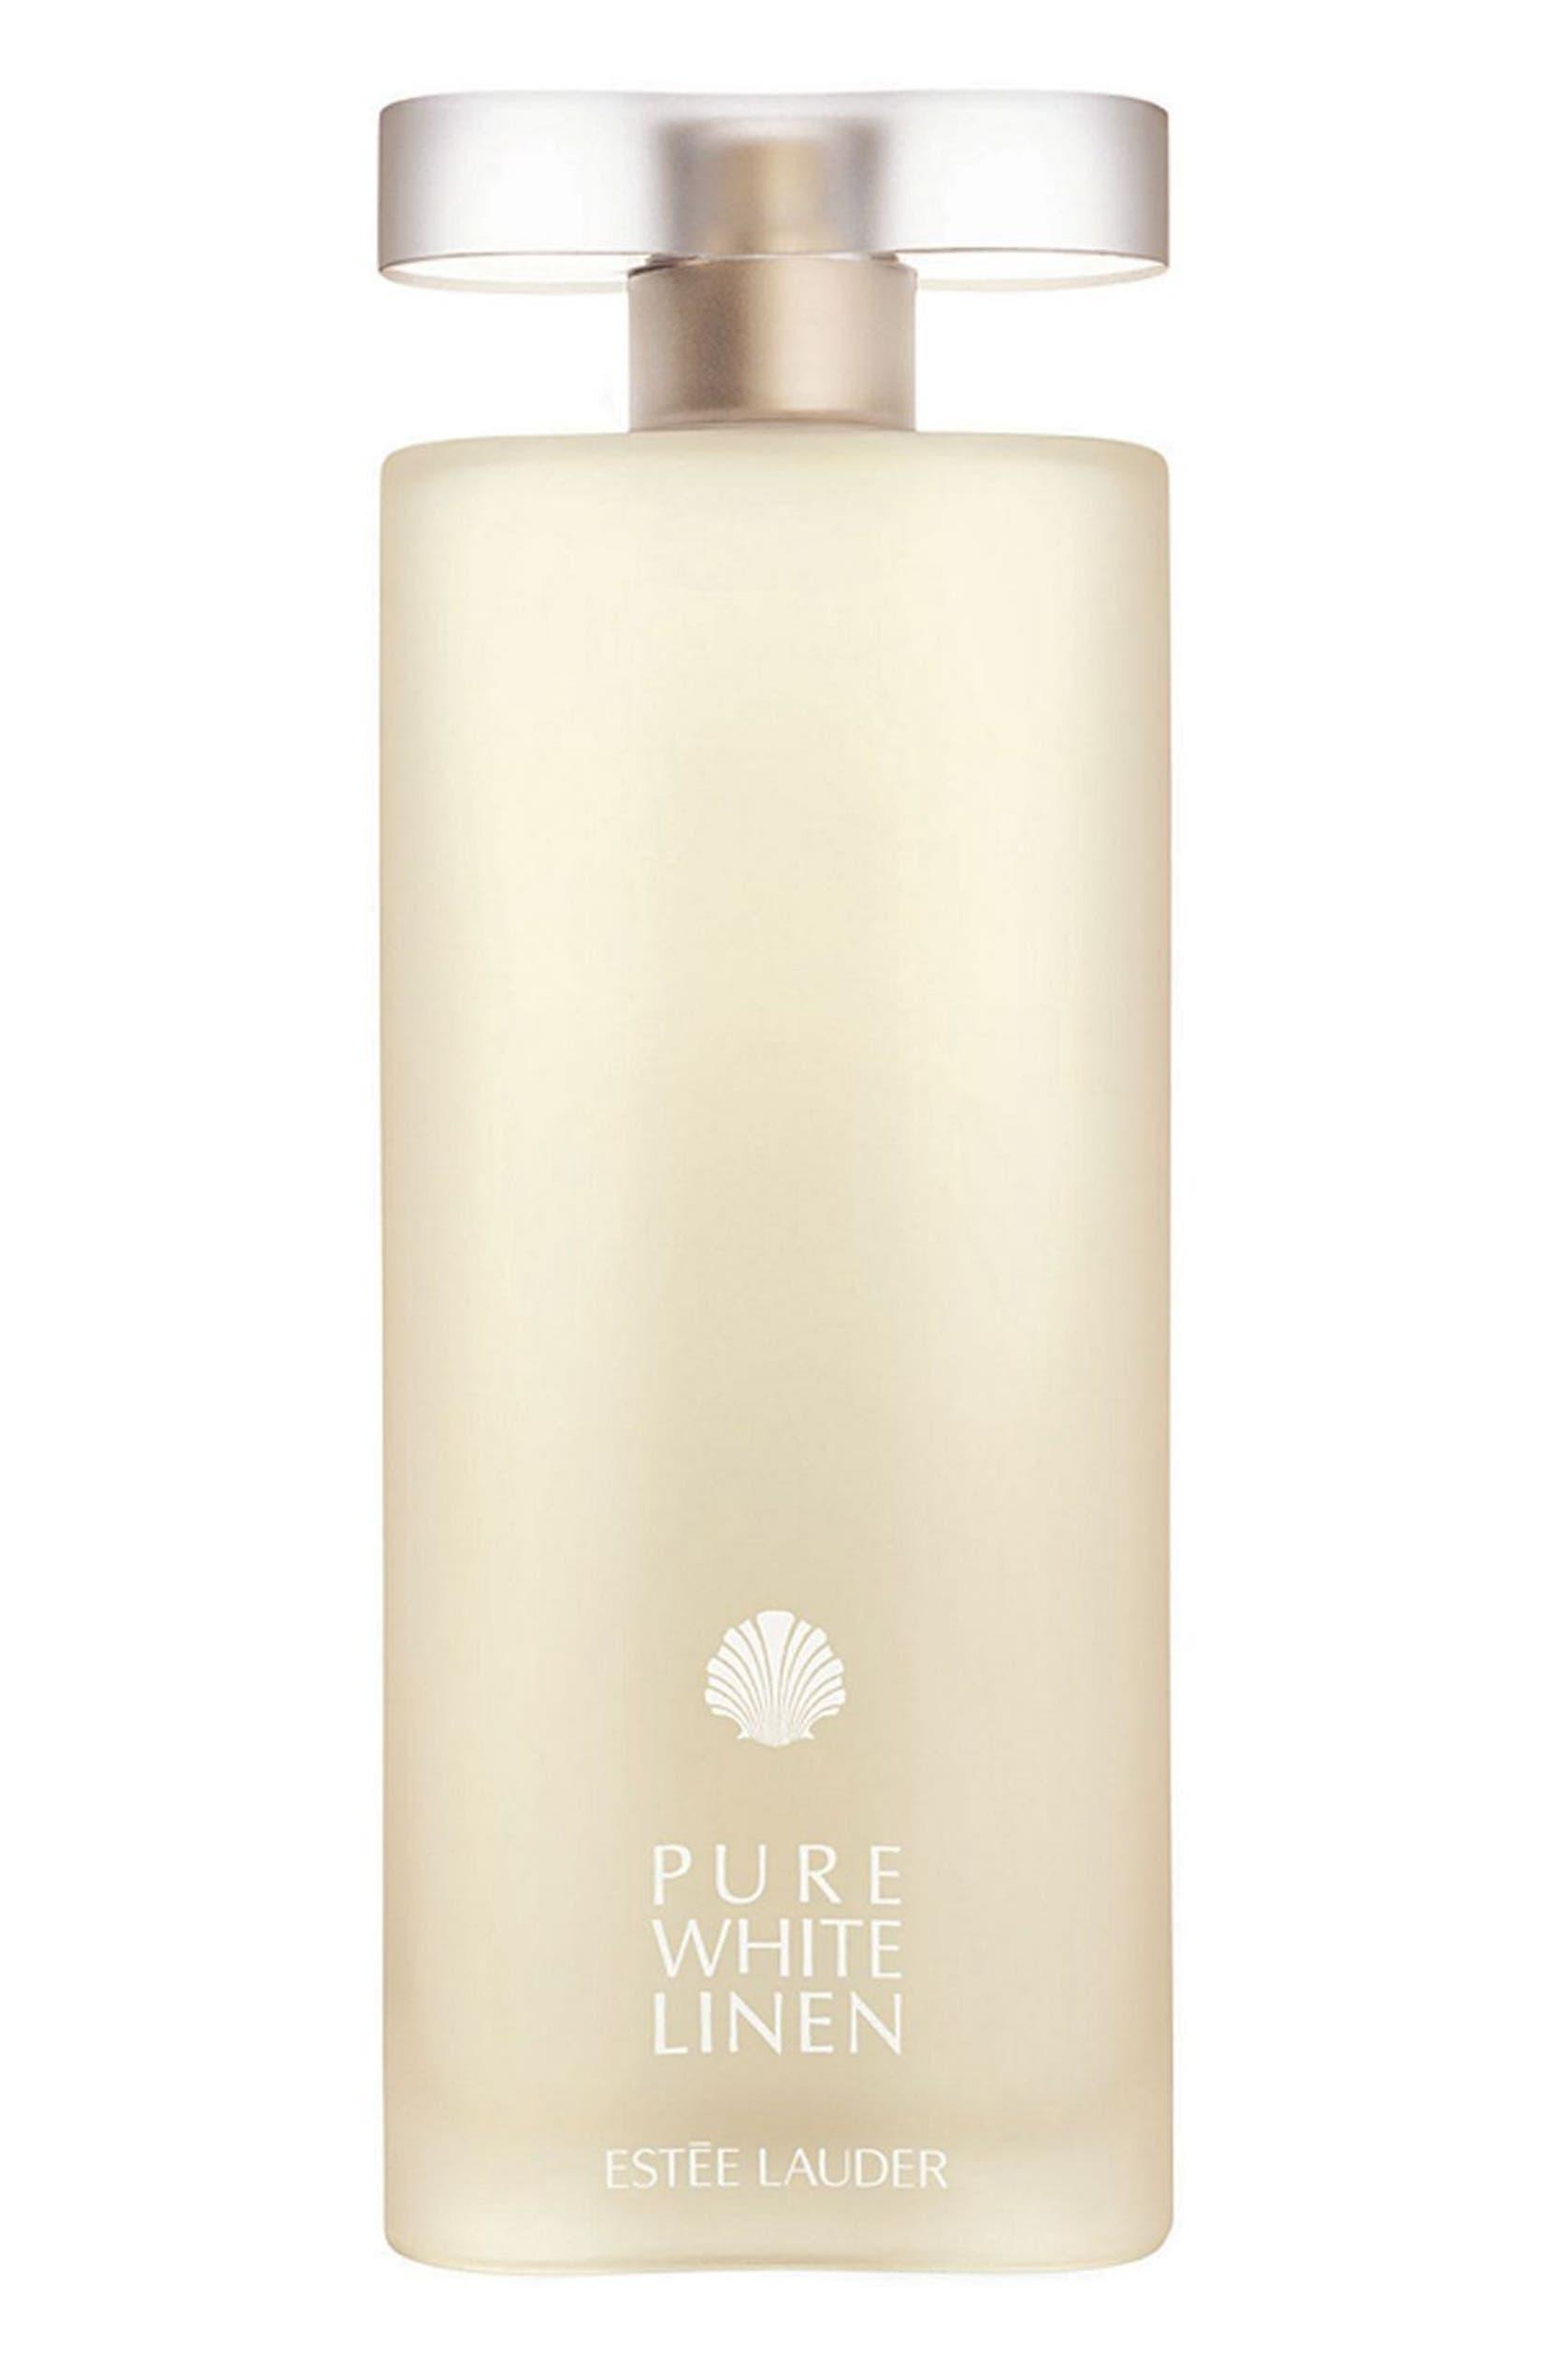 White Spray Parfum Eau De Pure Linen 0Nwmn8